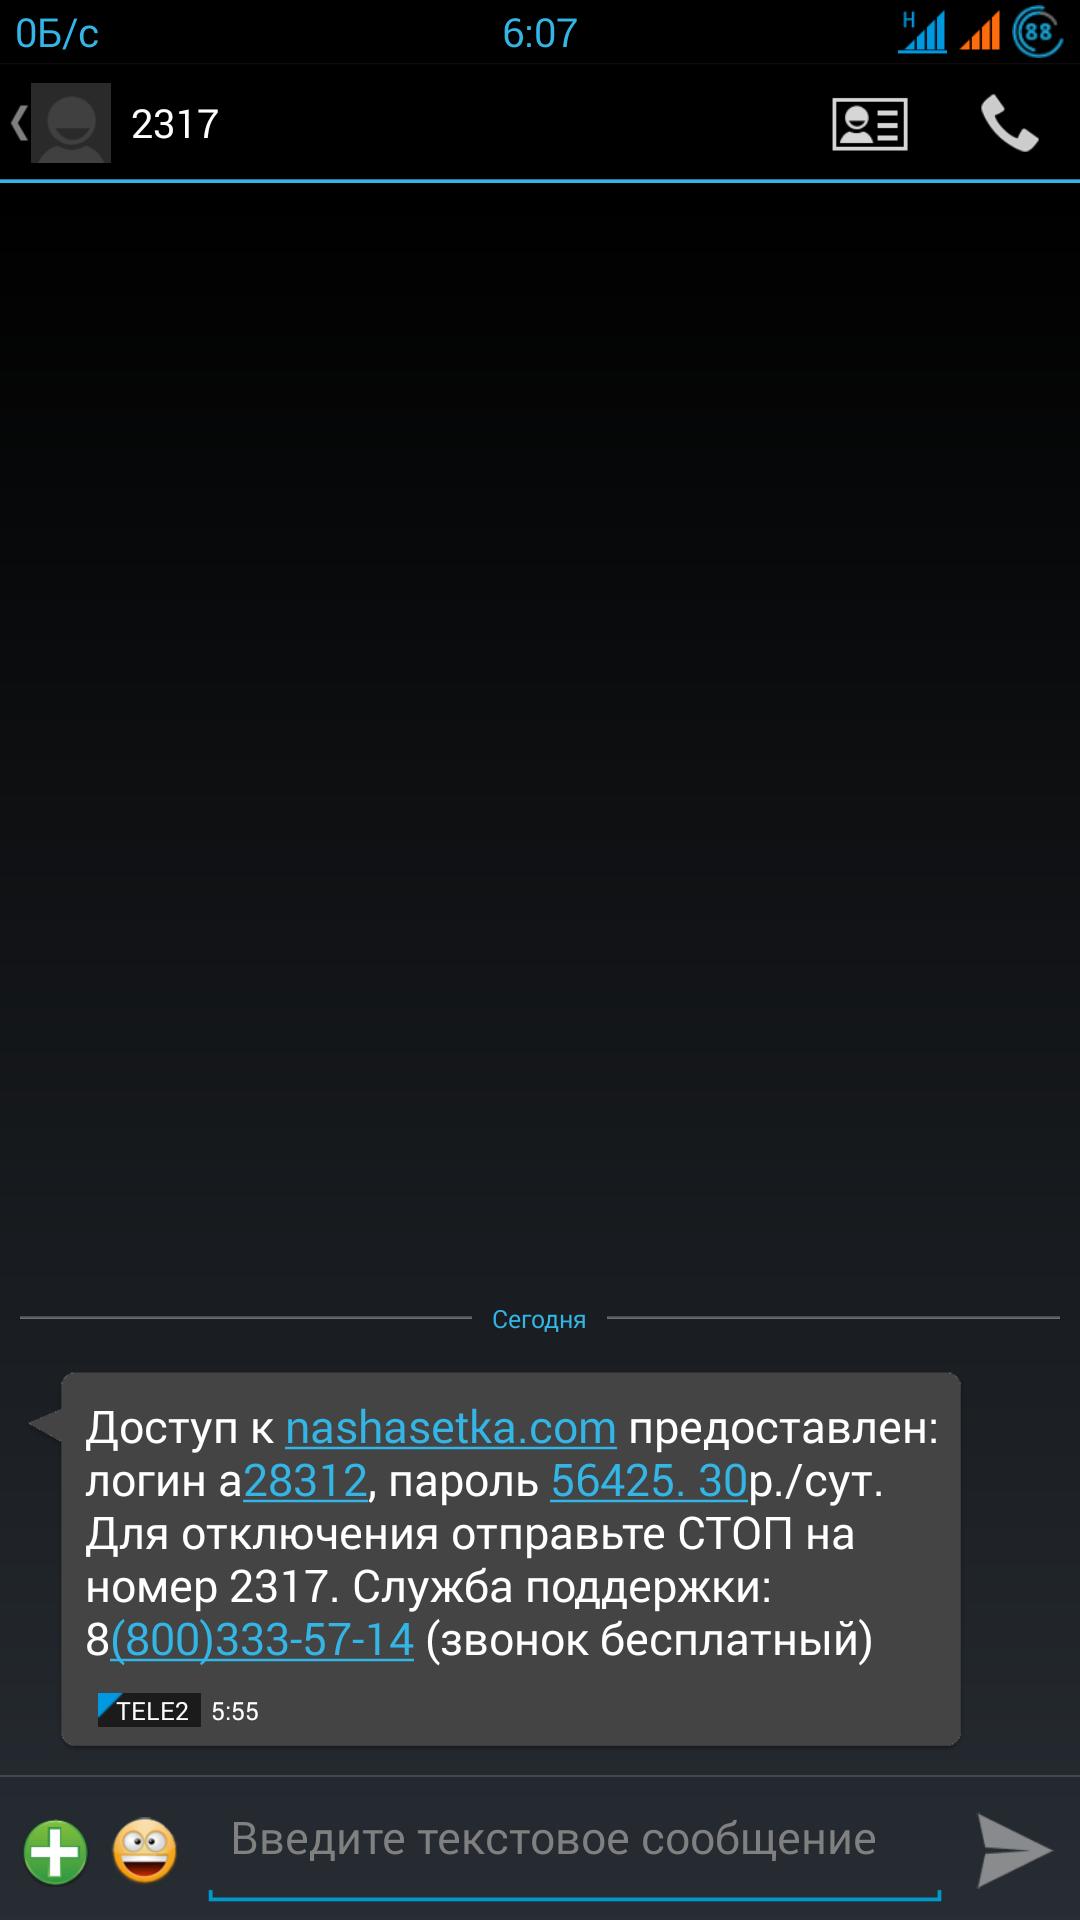 платная услуга nashasetka.com